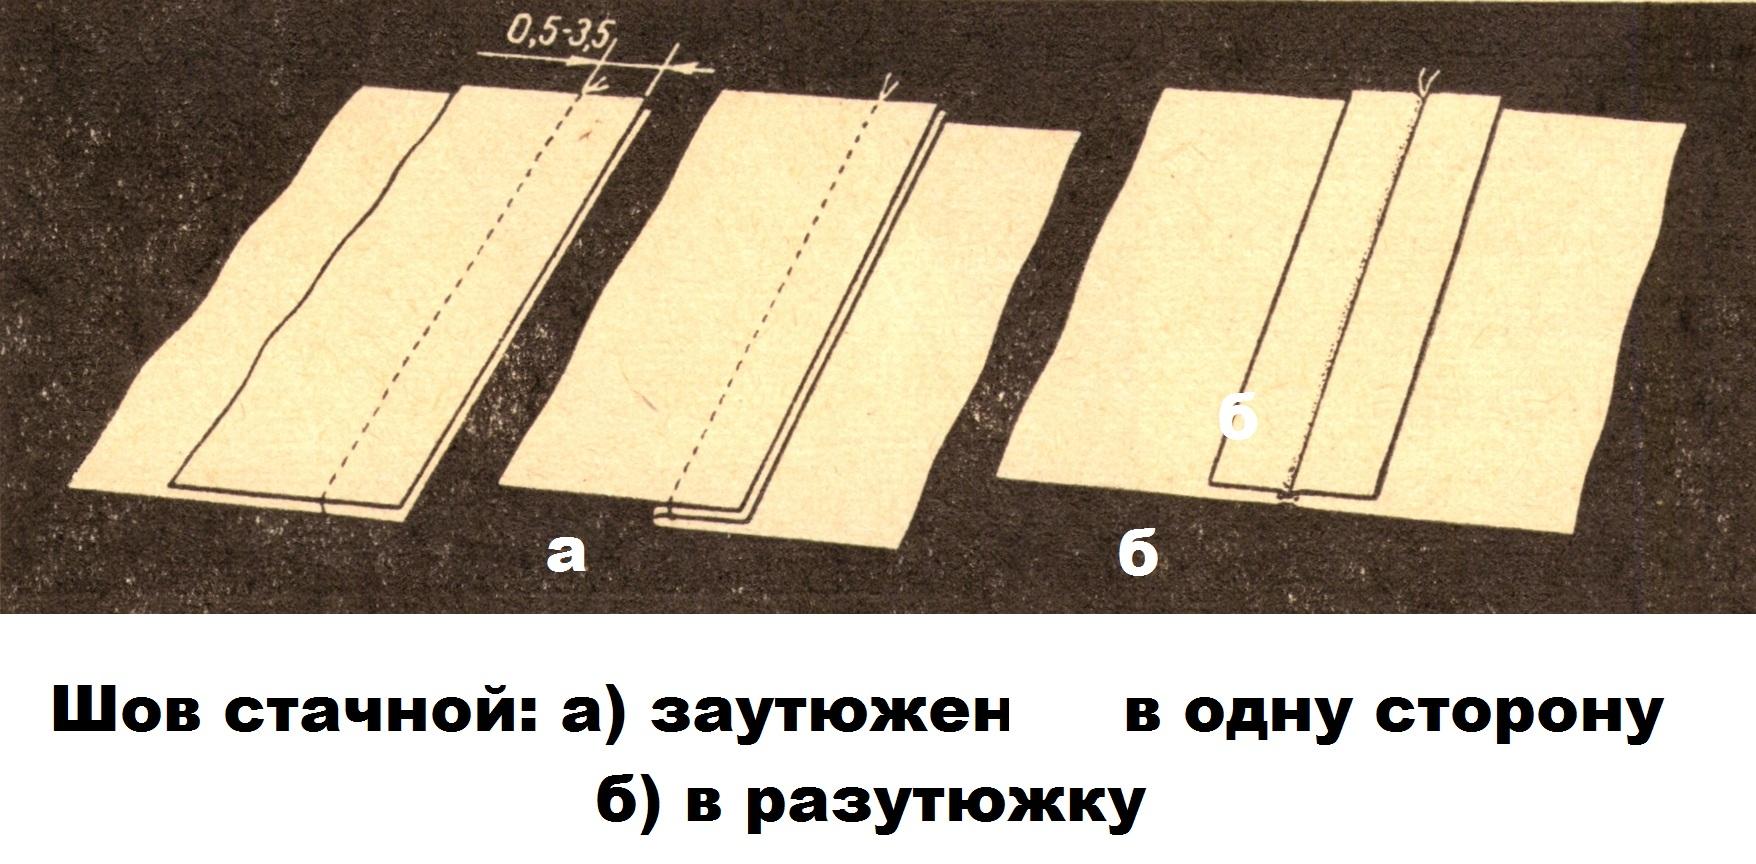 Шов стачной (1-1)